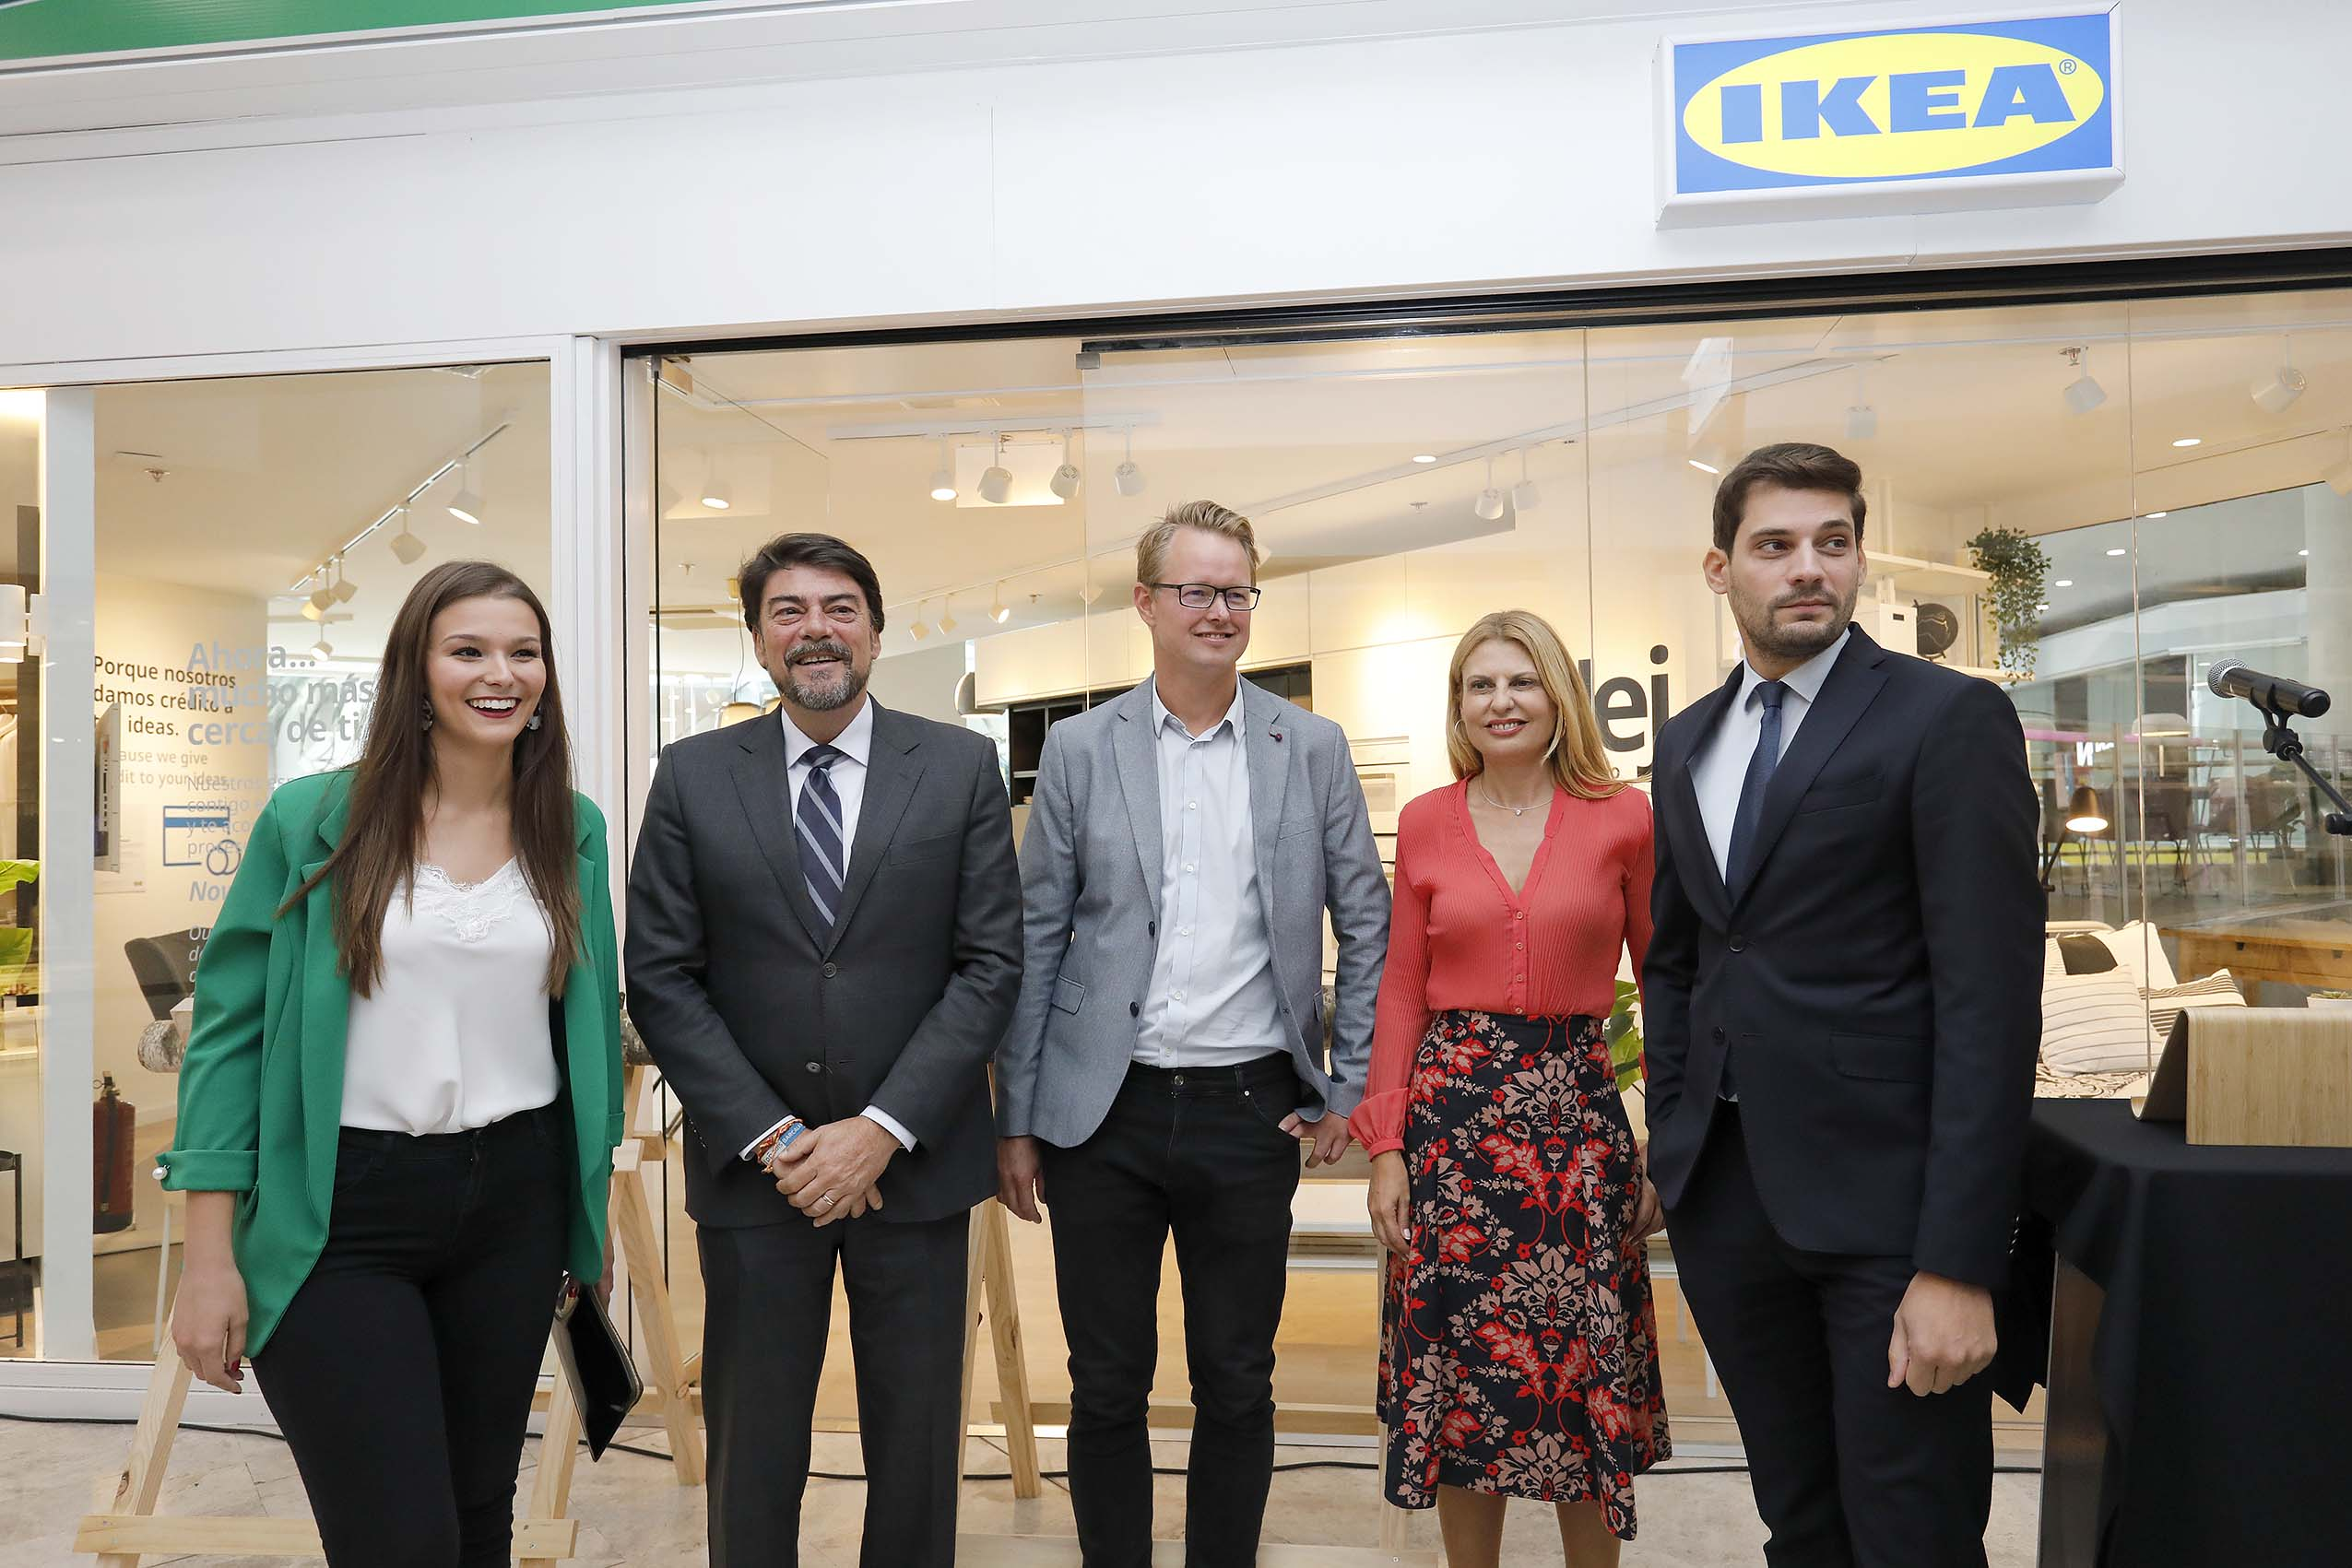 Barcala celebra que 'Ikea está en Alicante' al inaugurar la